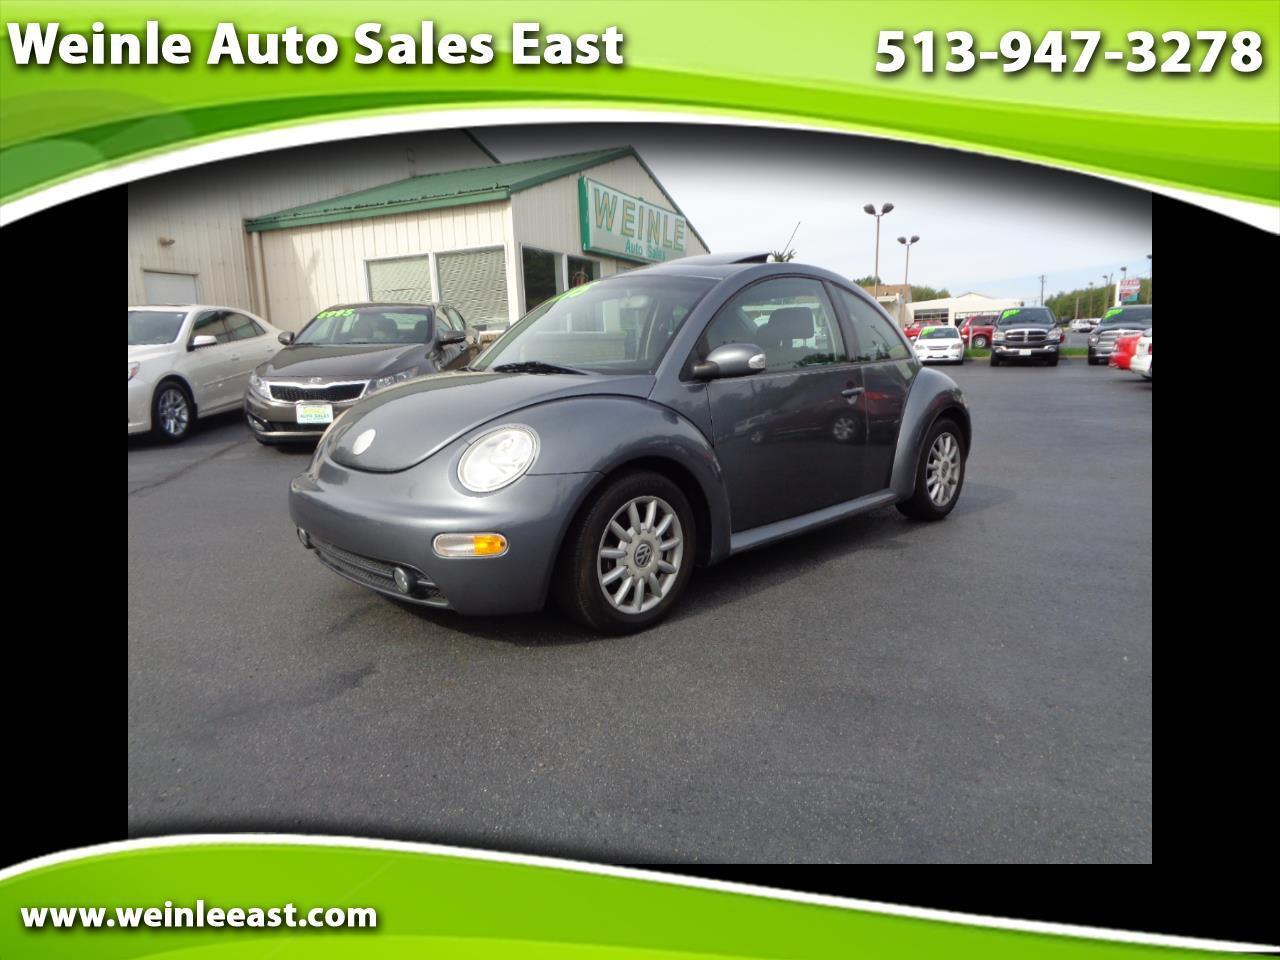 2004 Volkswagen New Beetle 2dr Cpe GLS Auto